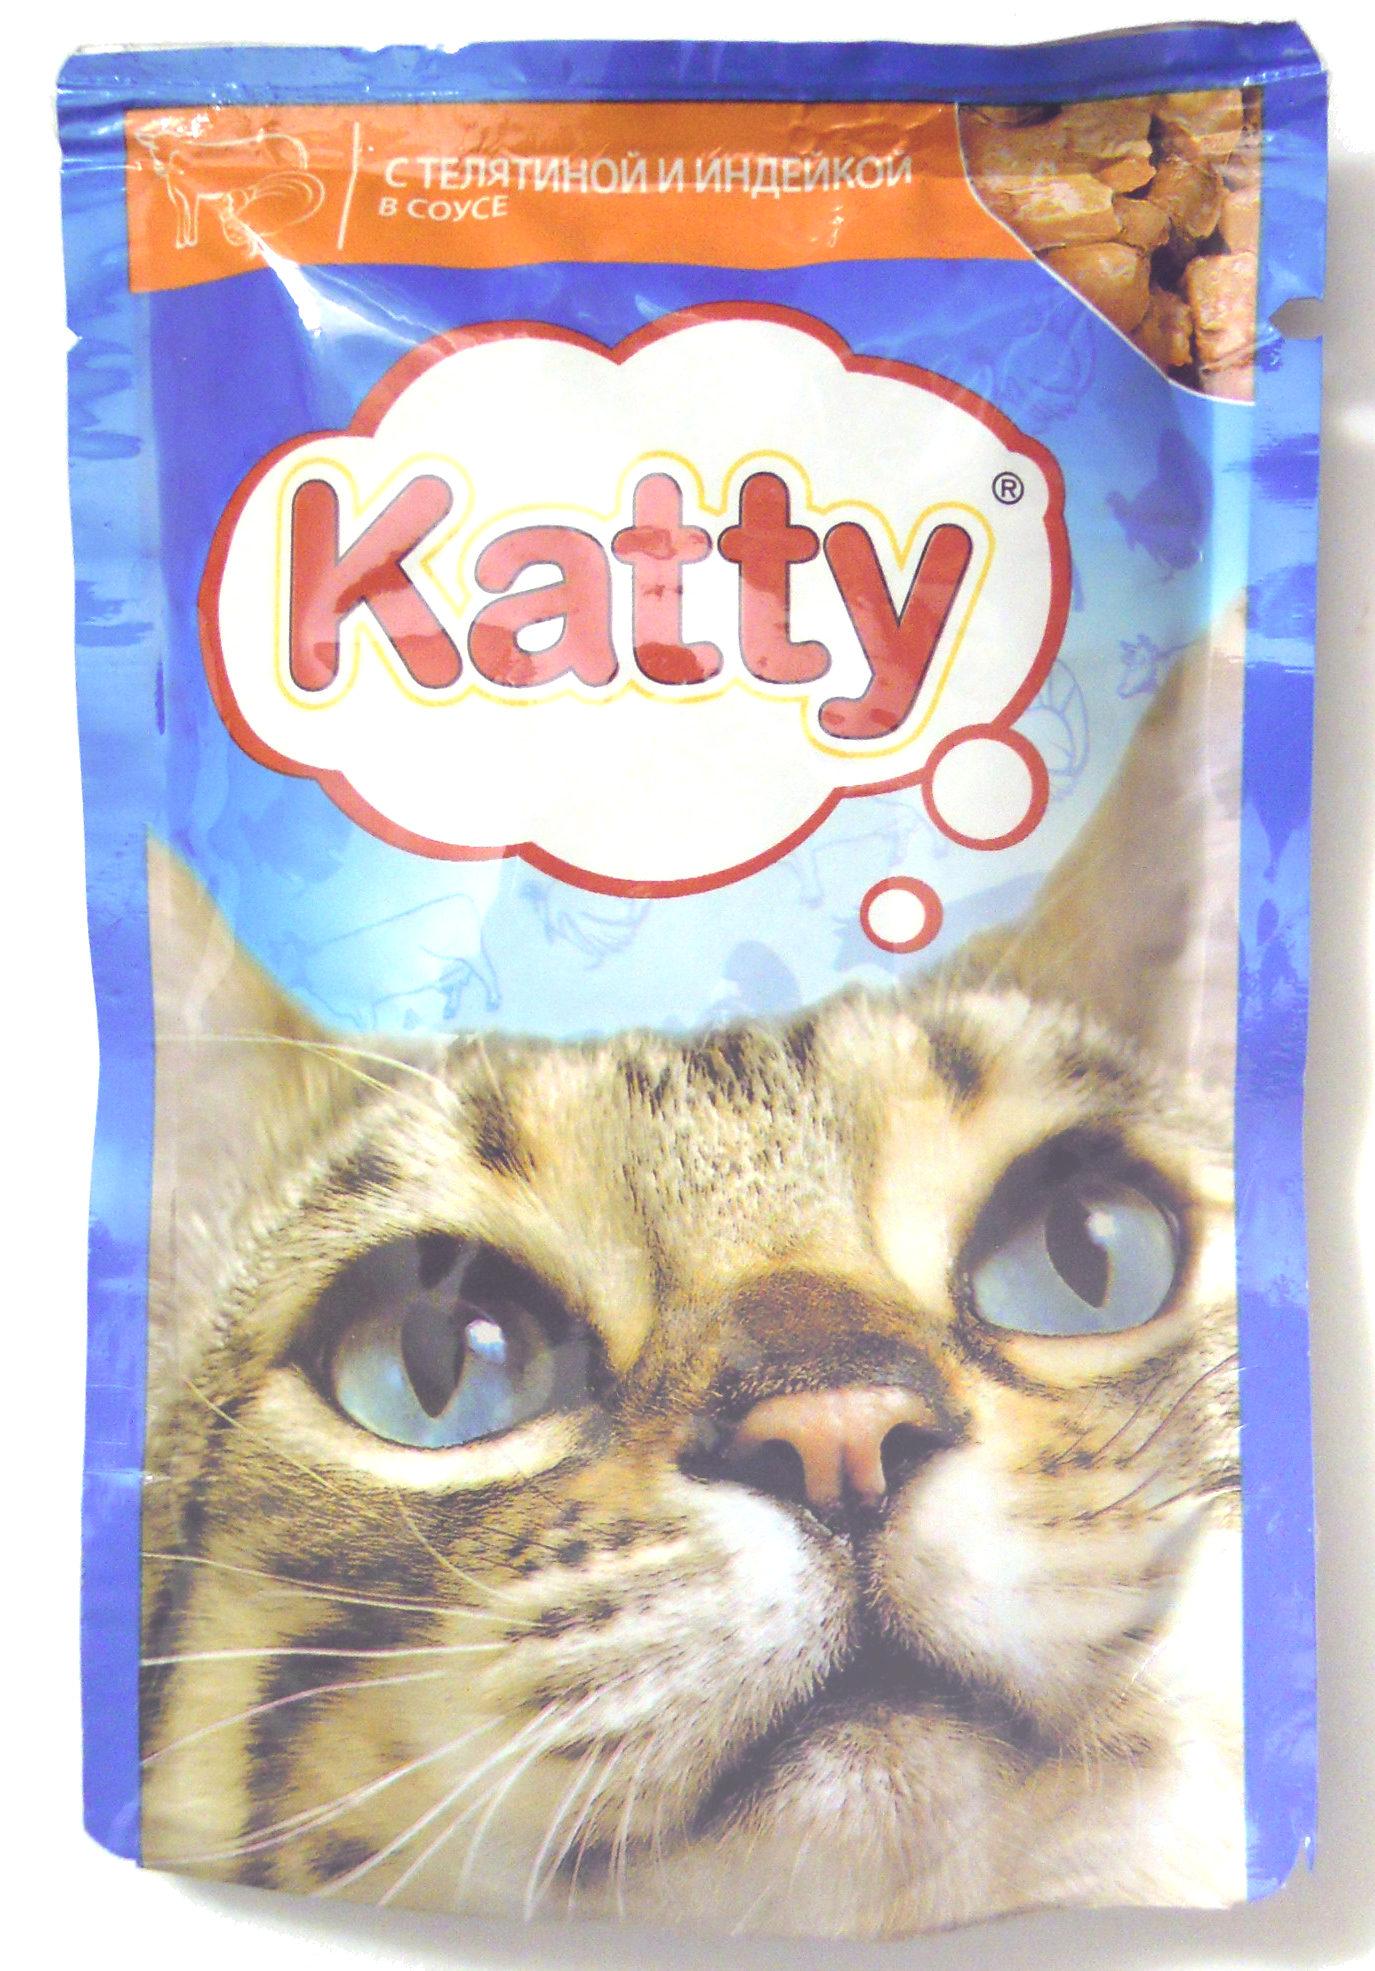 Katty с телятиной и индейкой в соусе - Product - ru